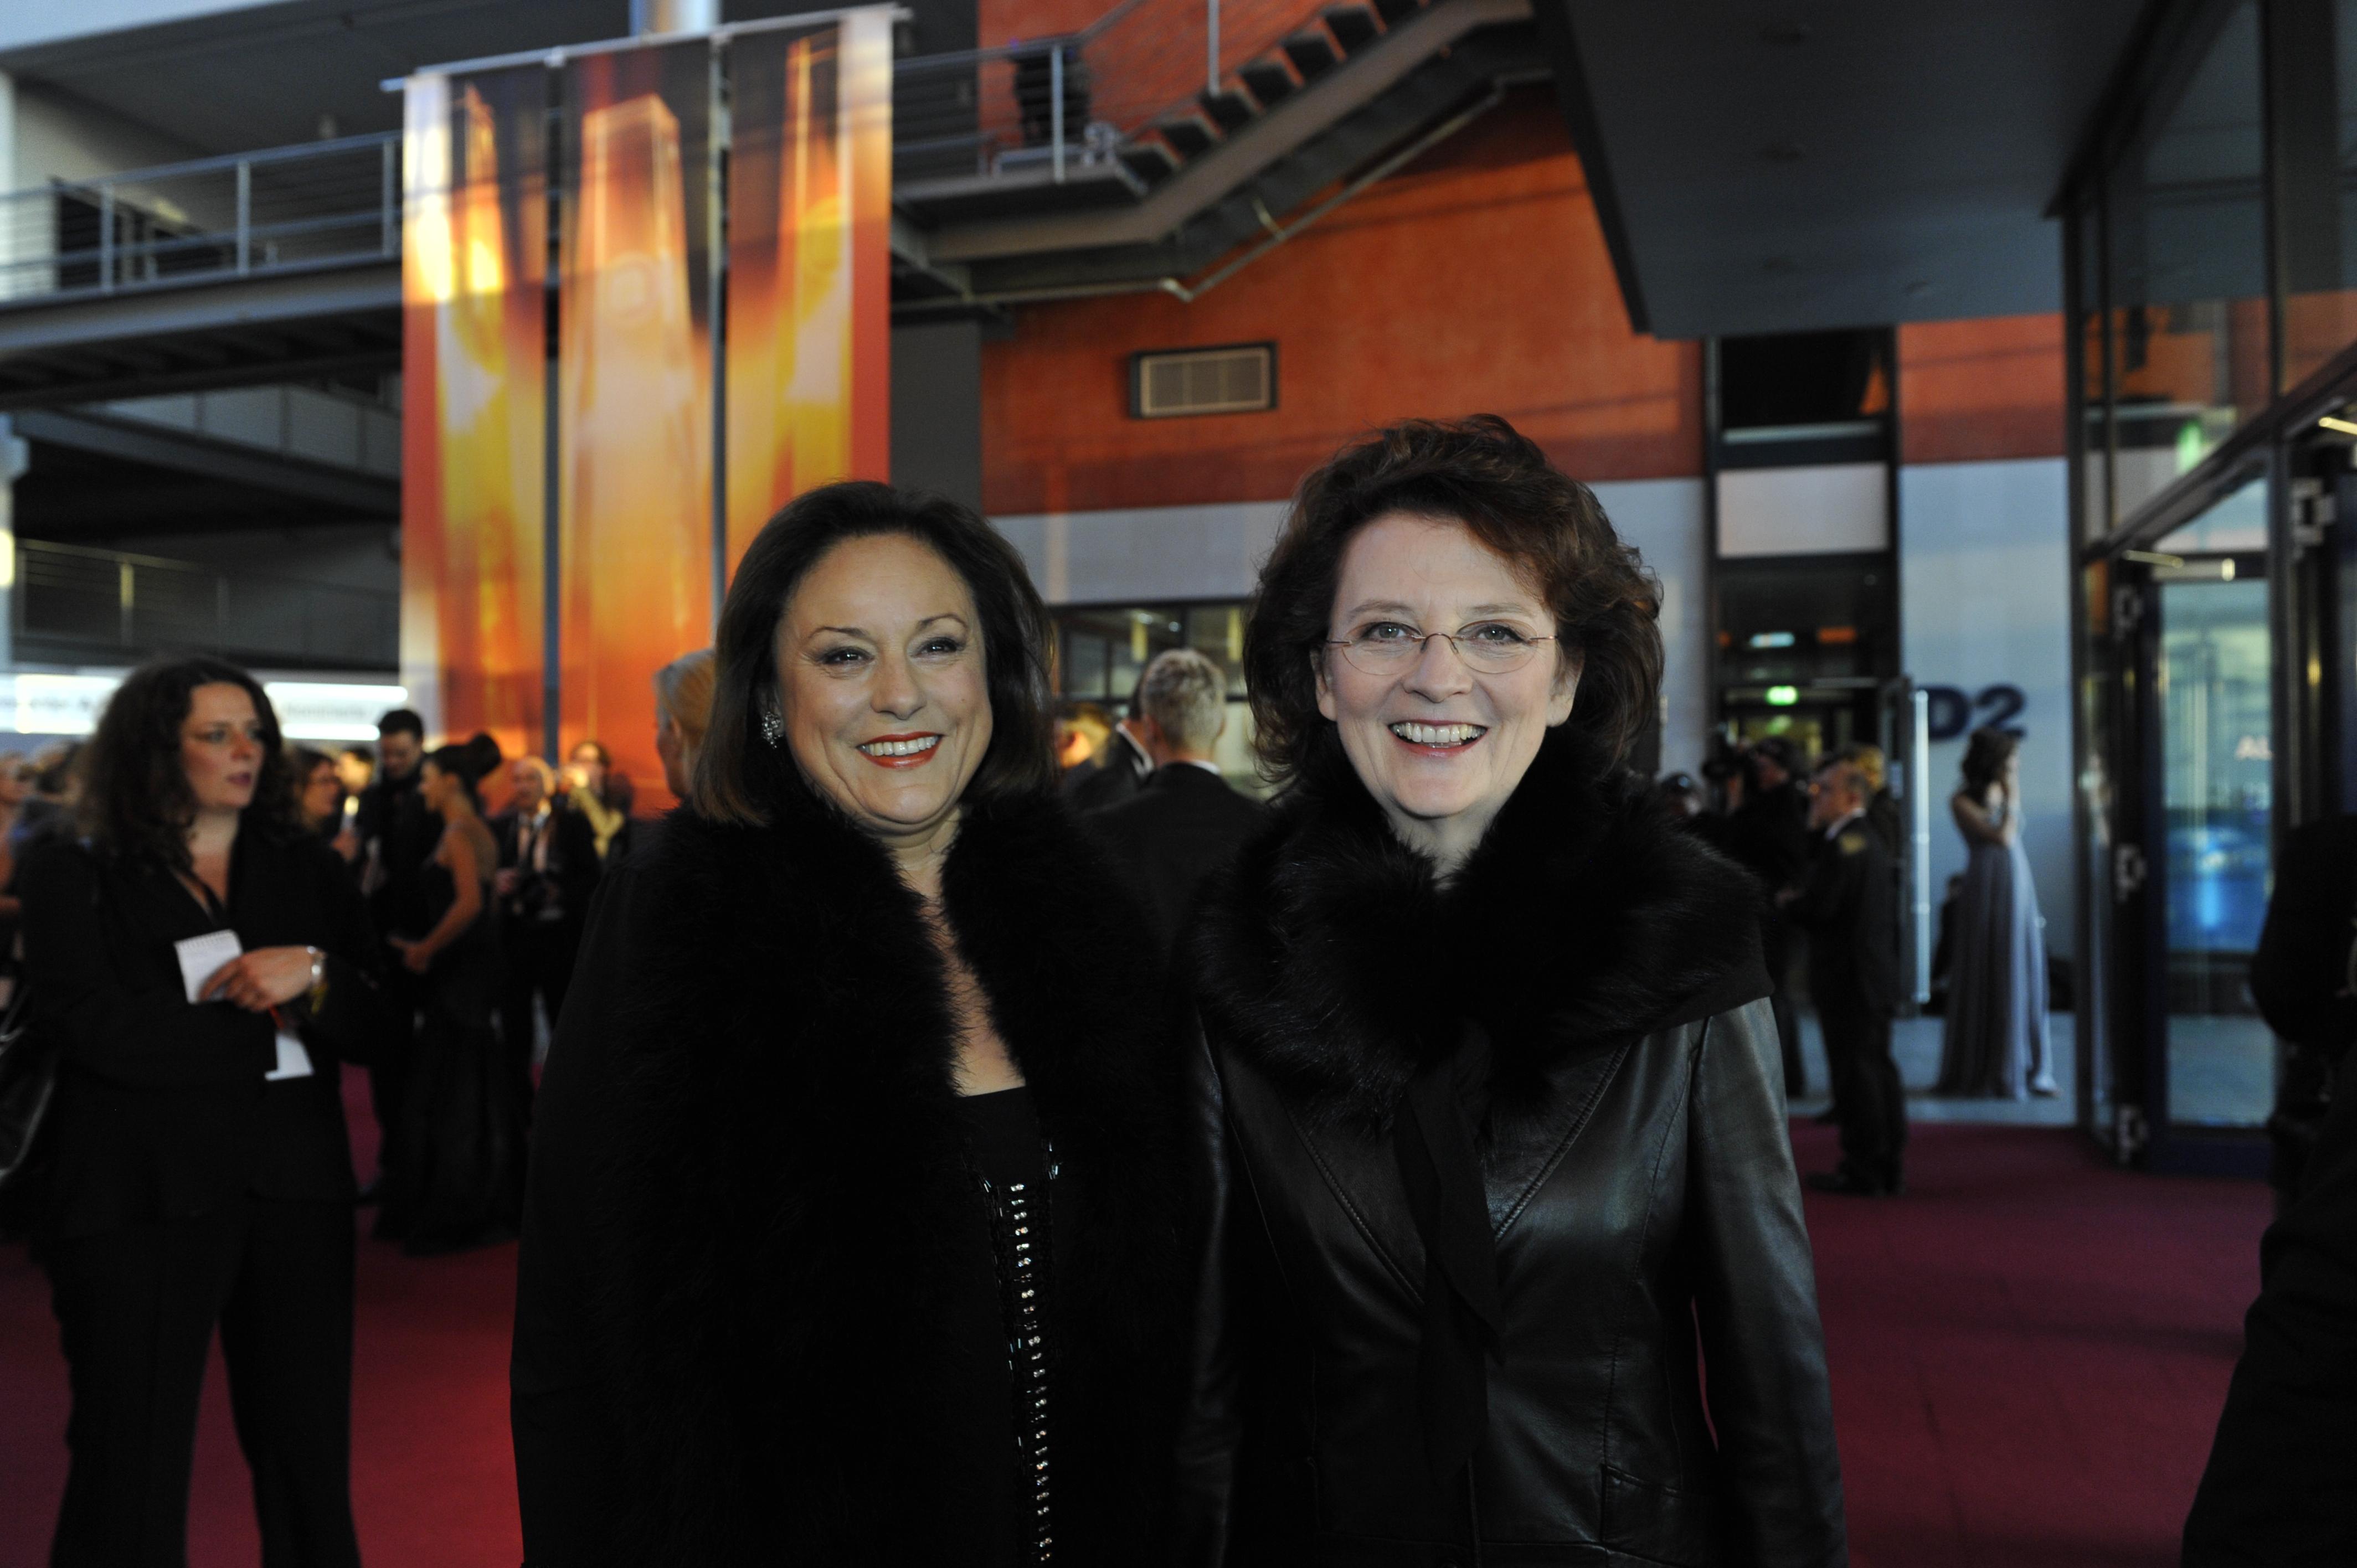 Monika Piel, Intendatin WDR und Dagmar Reim, Intentdantin RBB